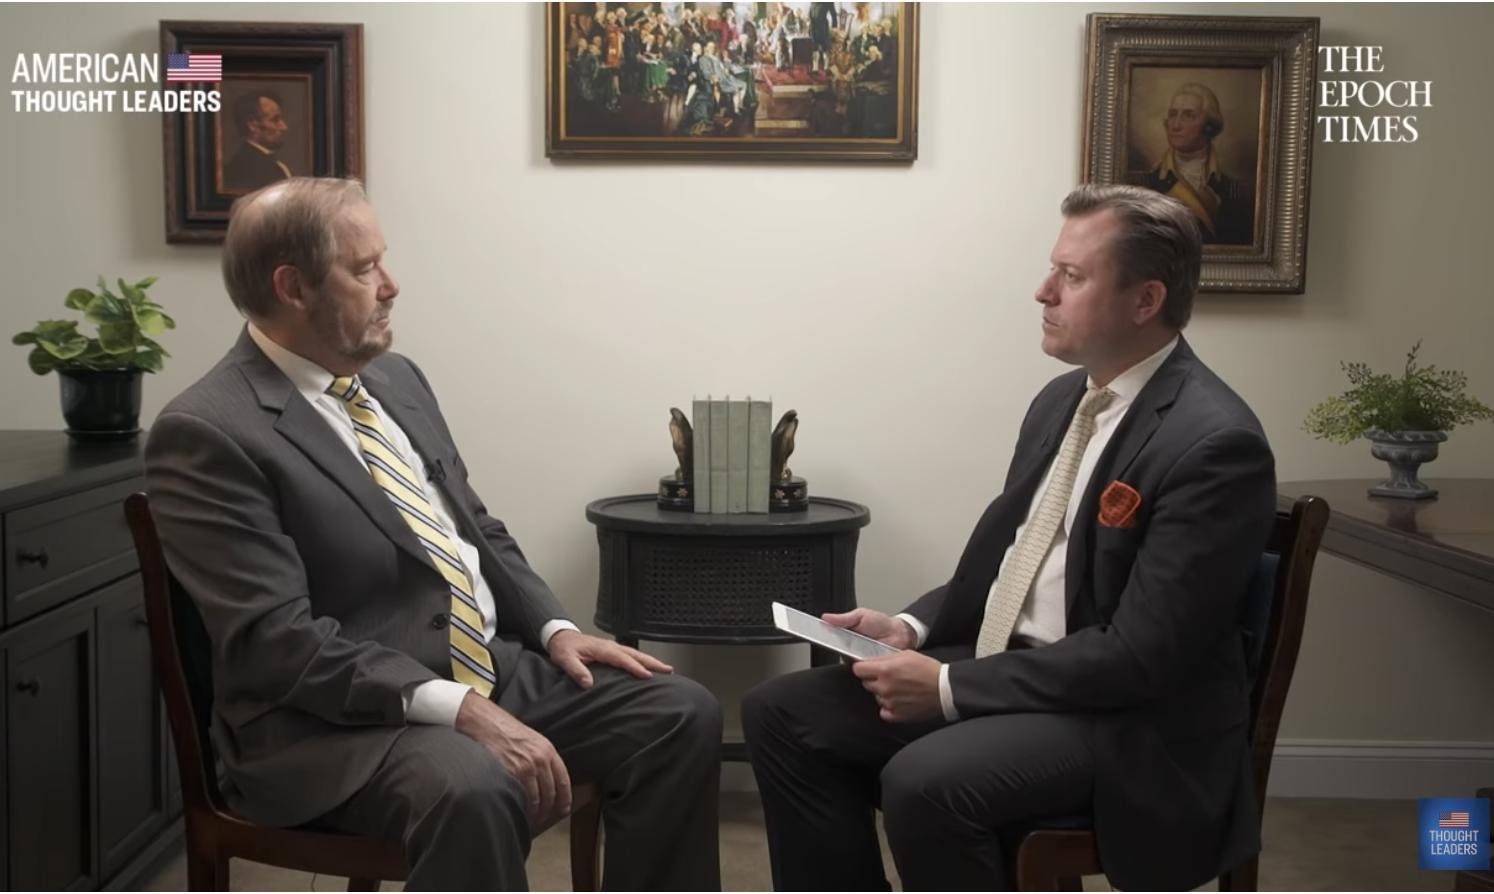 美國非盈利組織人口研究所總裁、中國問題專家毛思迪(Steven Mosher)6月24日接受了英文大紀元「美國思想領袖」(American Thought Leader)系列節目的專訪。(影片截圖)